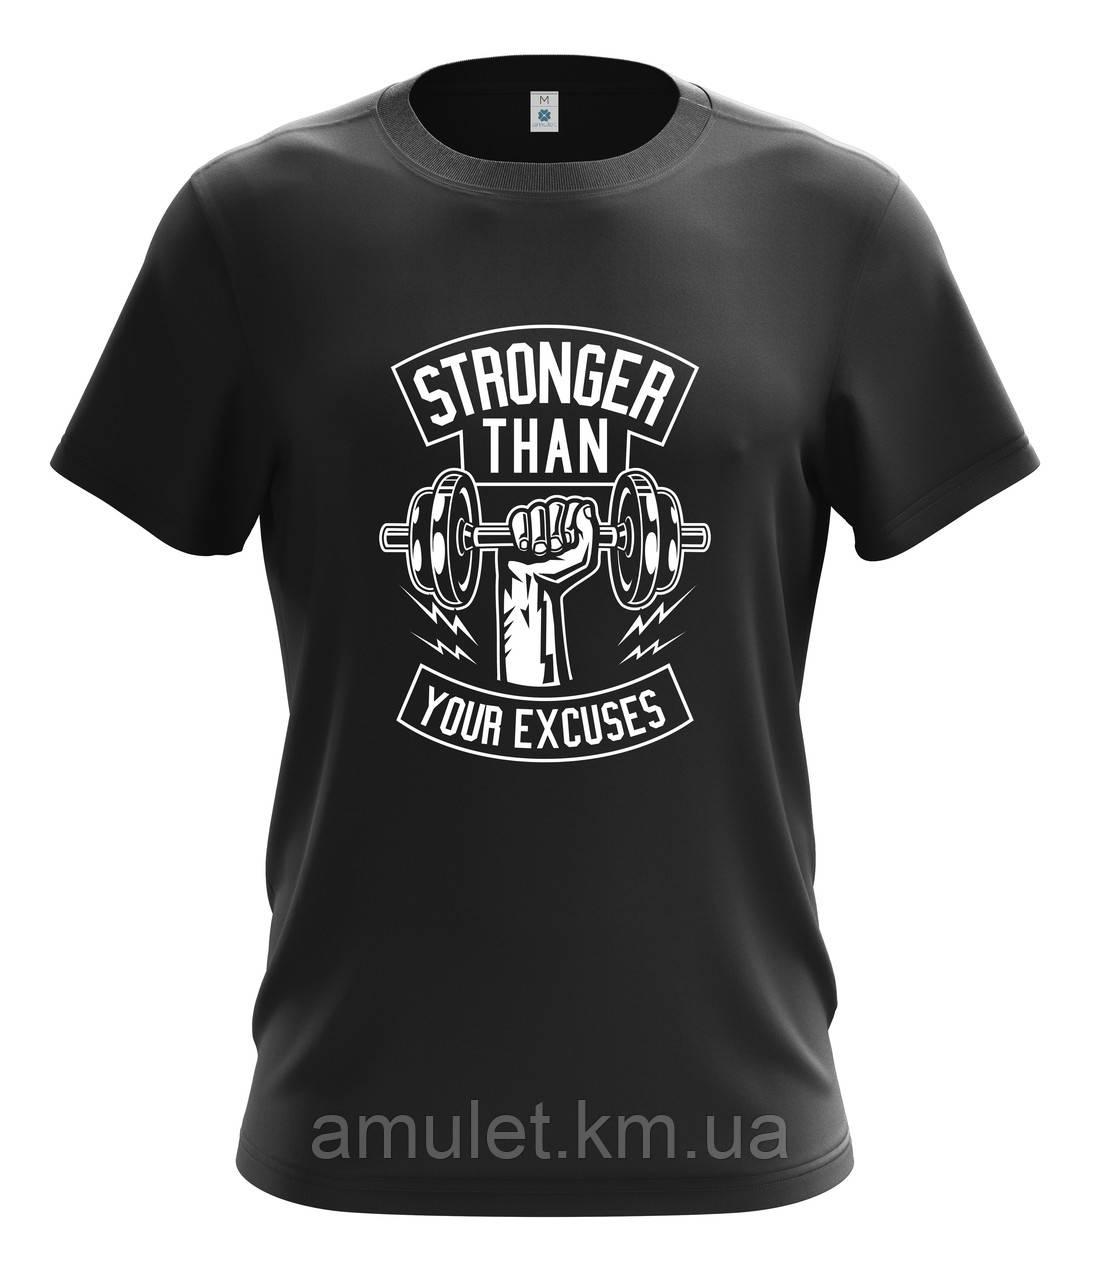 """Футболка чоловіча """"Stronger in GYM"""" Чорний, XXXL"""